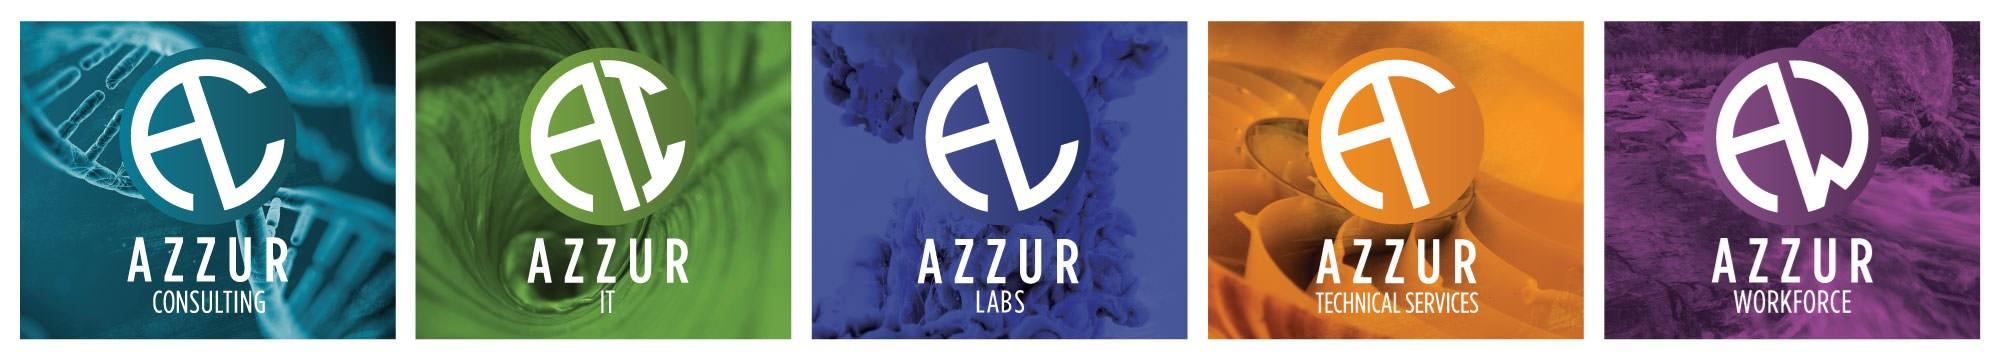 Azzur Company Logos